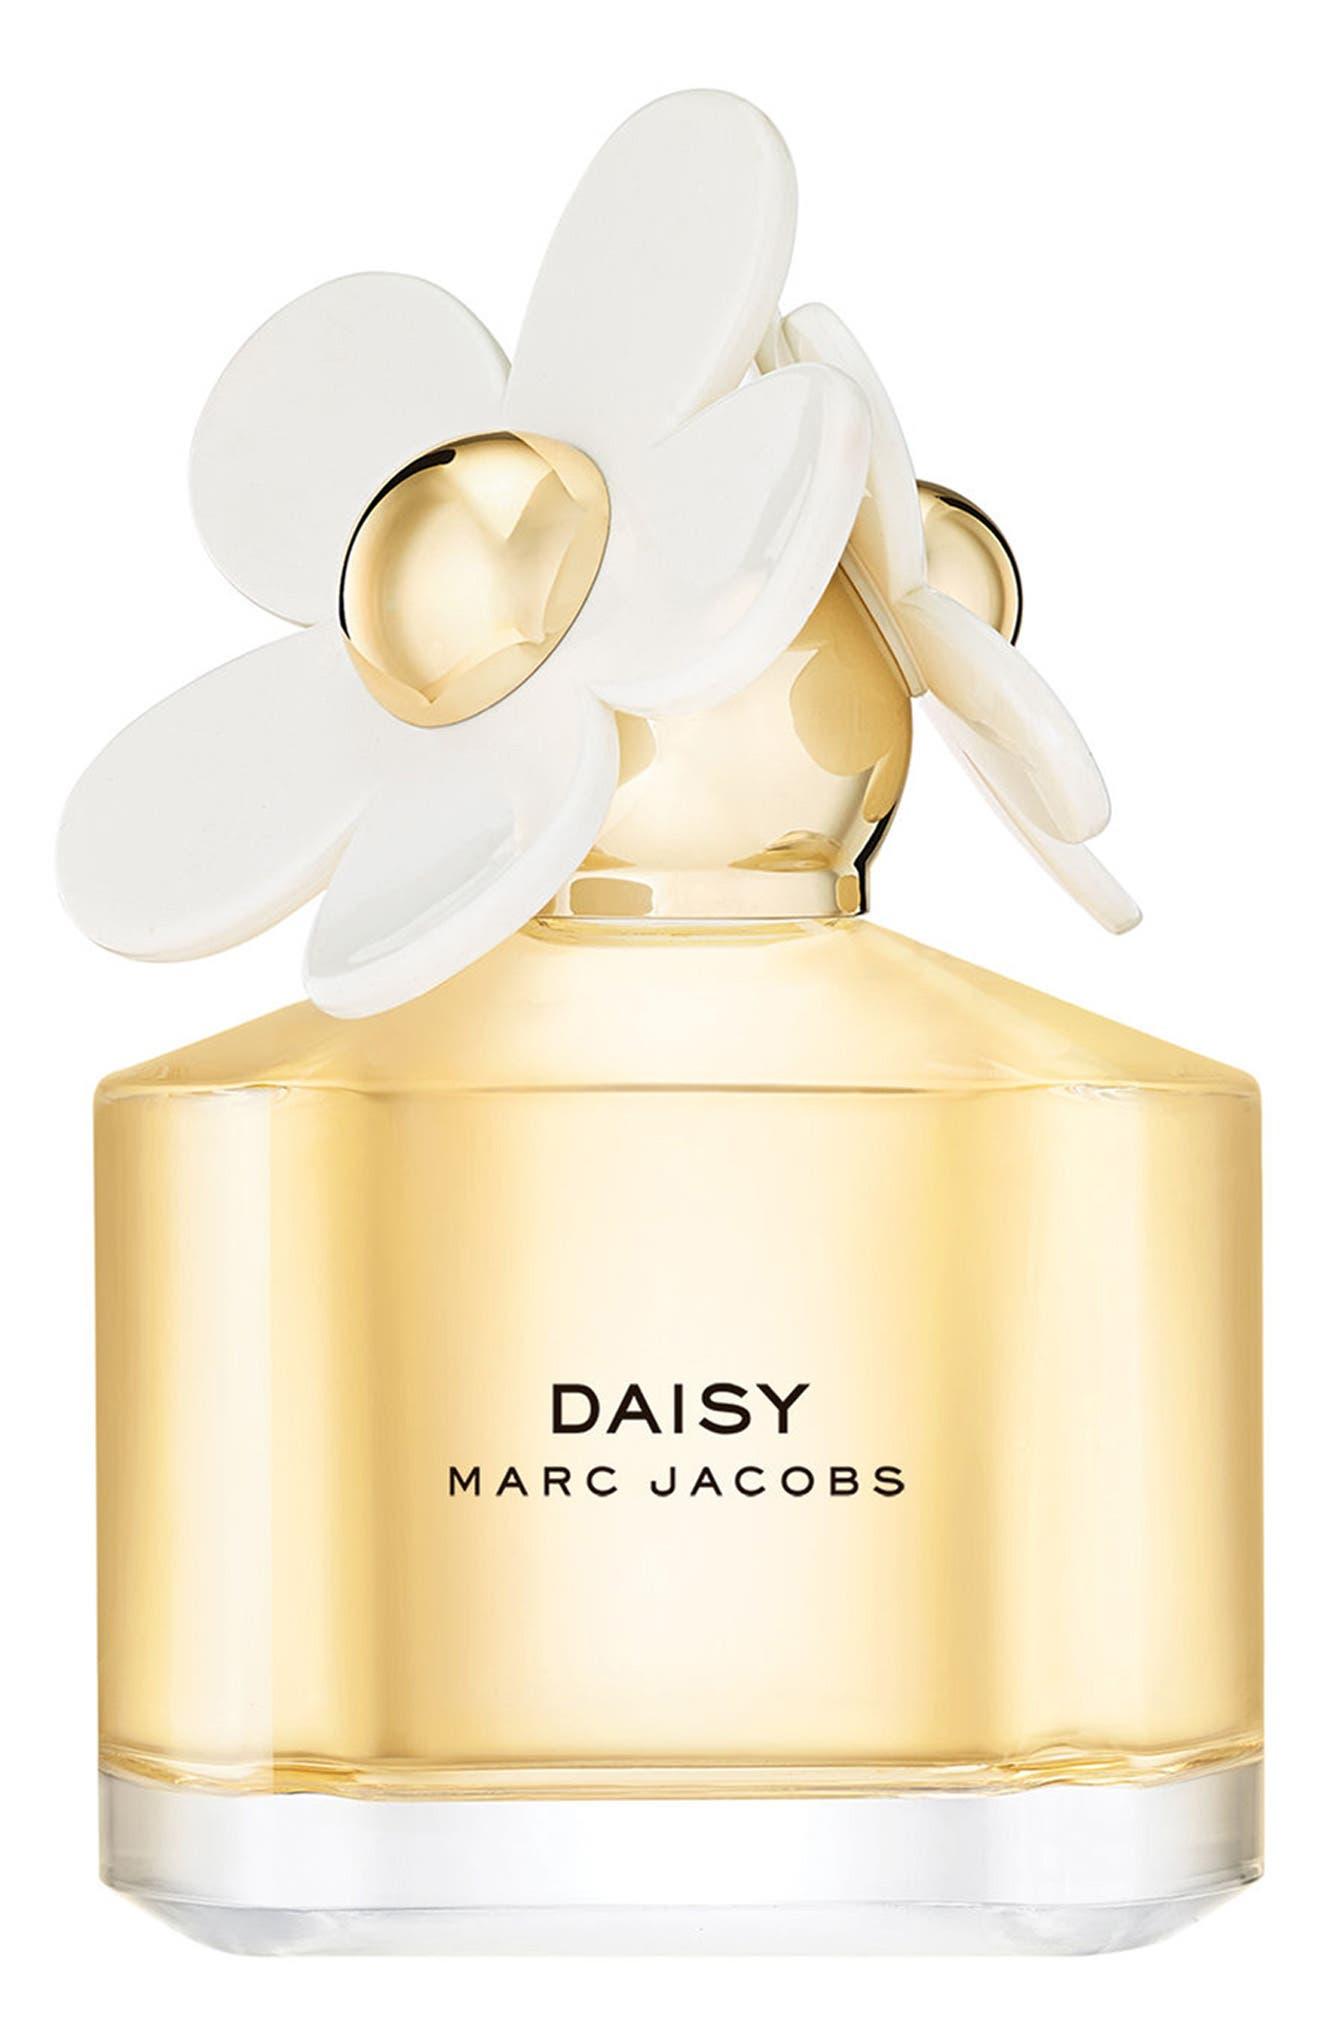 MARC JACOBS Daisy Eau de Toilette Spray,                             Main thumbnail 1, color,                             NO COLOR